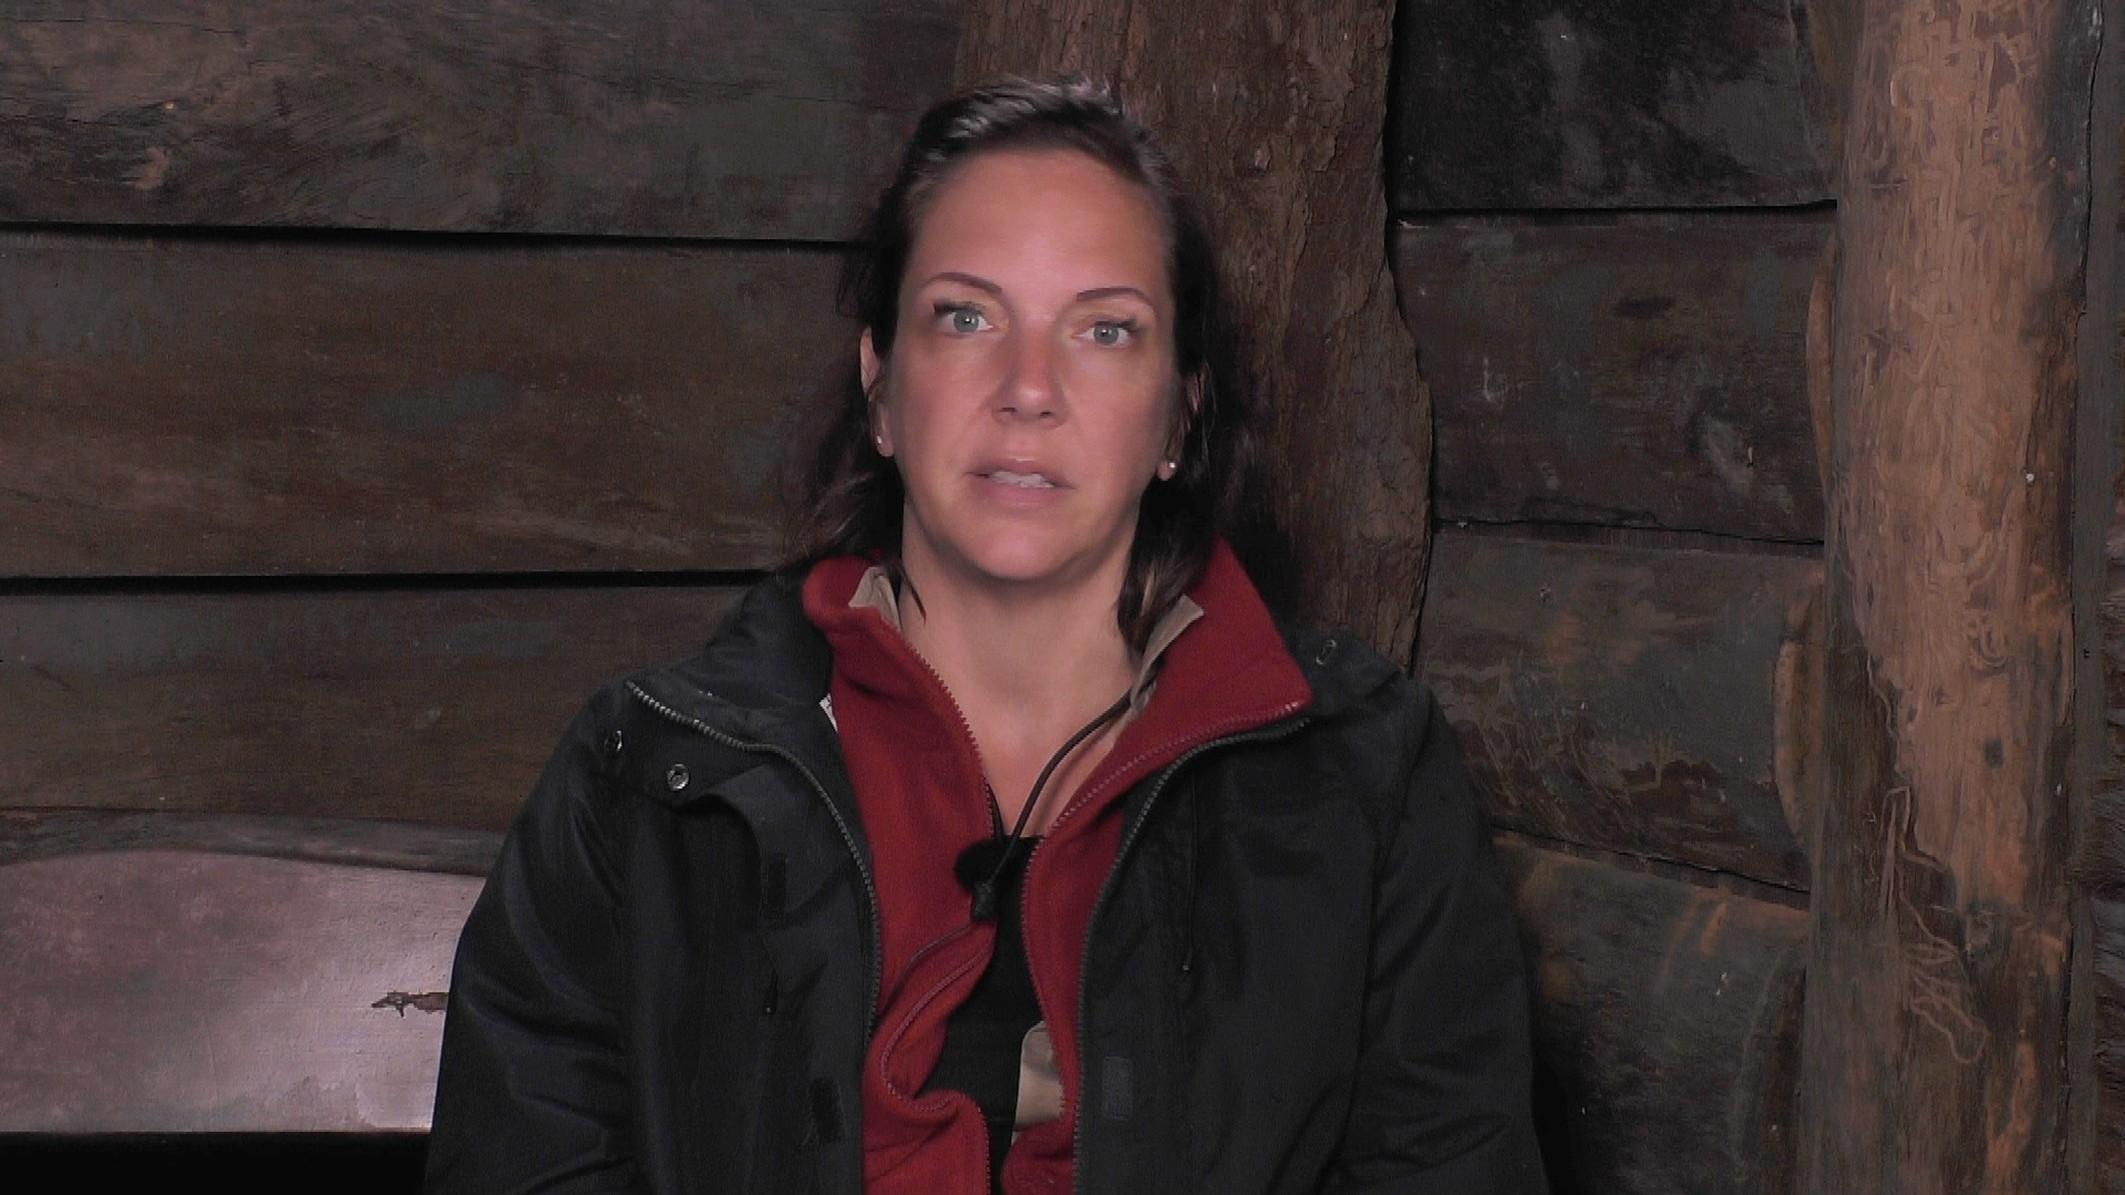 Dschungelcamp 2020: Morddrohungen gegen Danni Büchner – extremer Hass im Netz